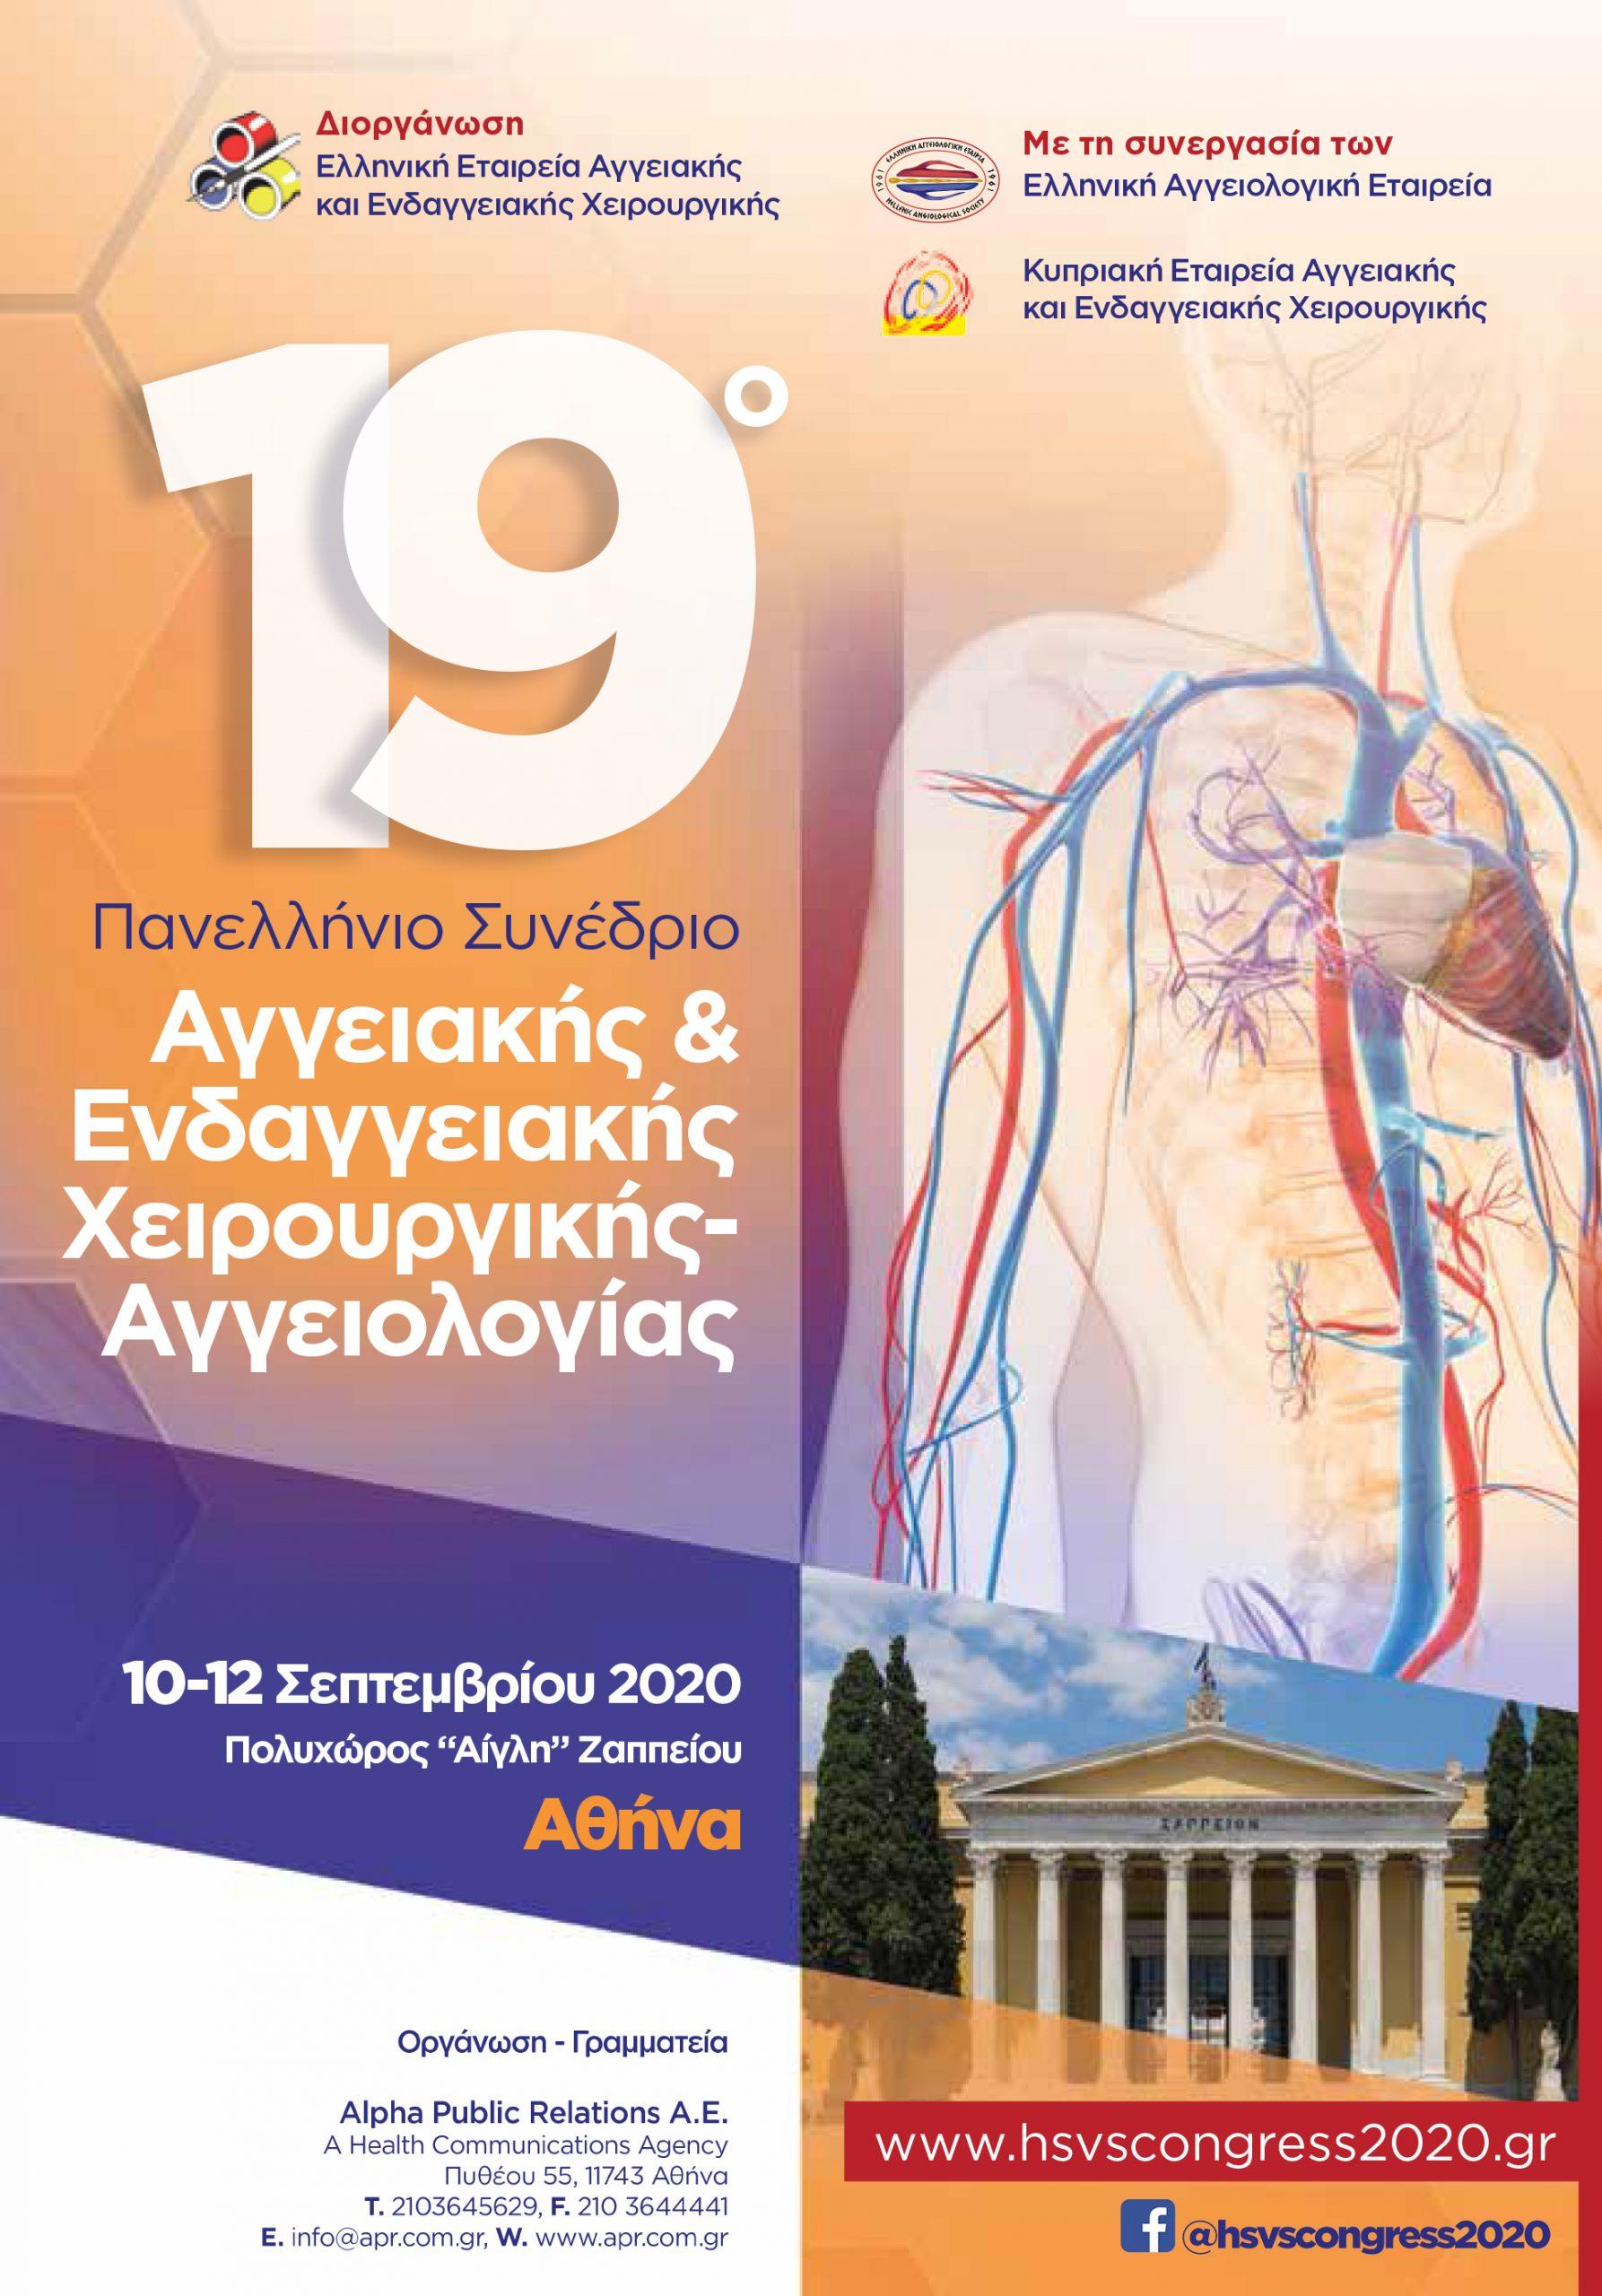 19 Πανελλήνιο Συνέδριο Αγγειακής και Ενδαγγειακής Χειρουργικής (10-12/9/2020, Αίγλη Ζαππείου)